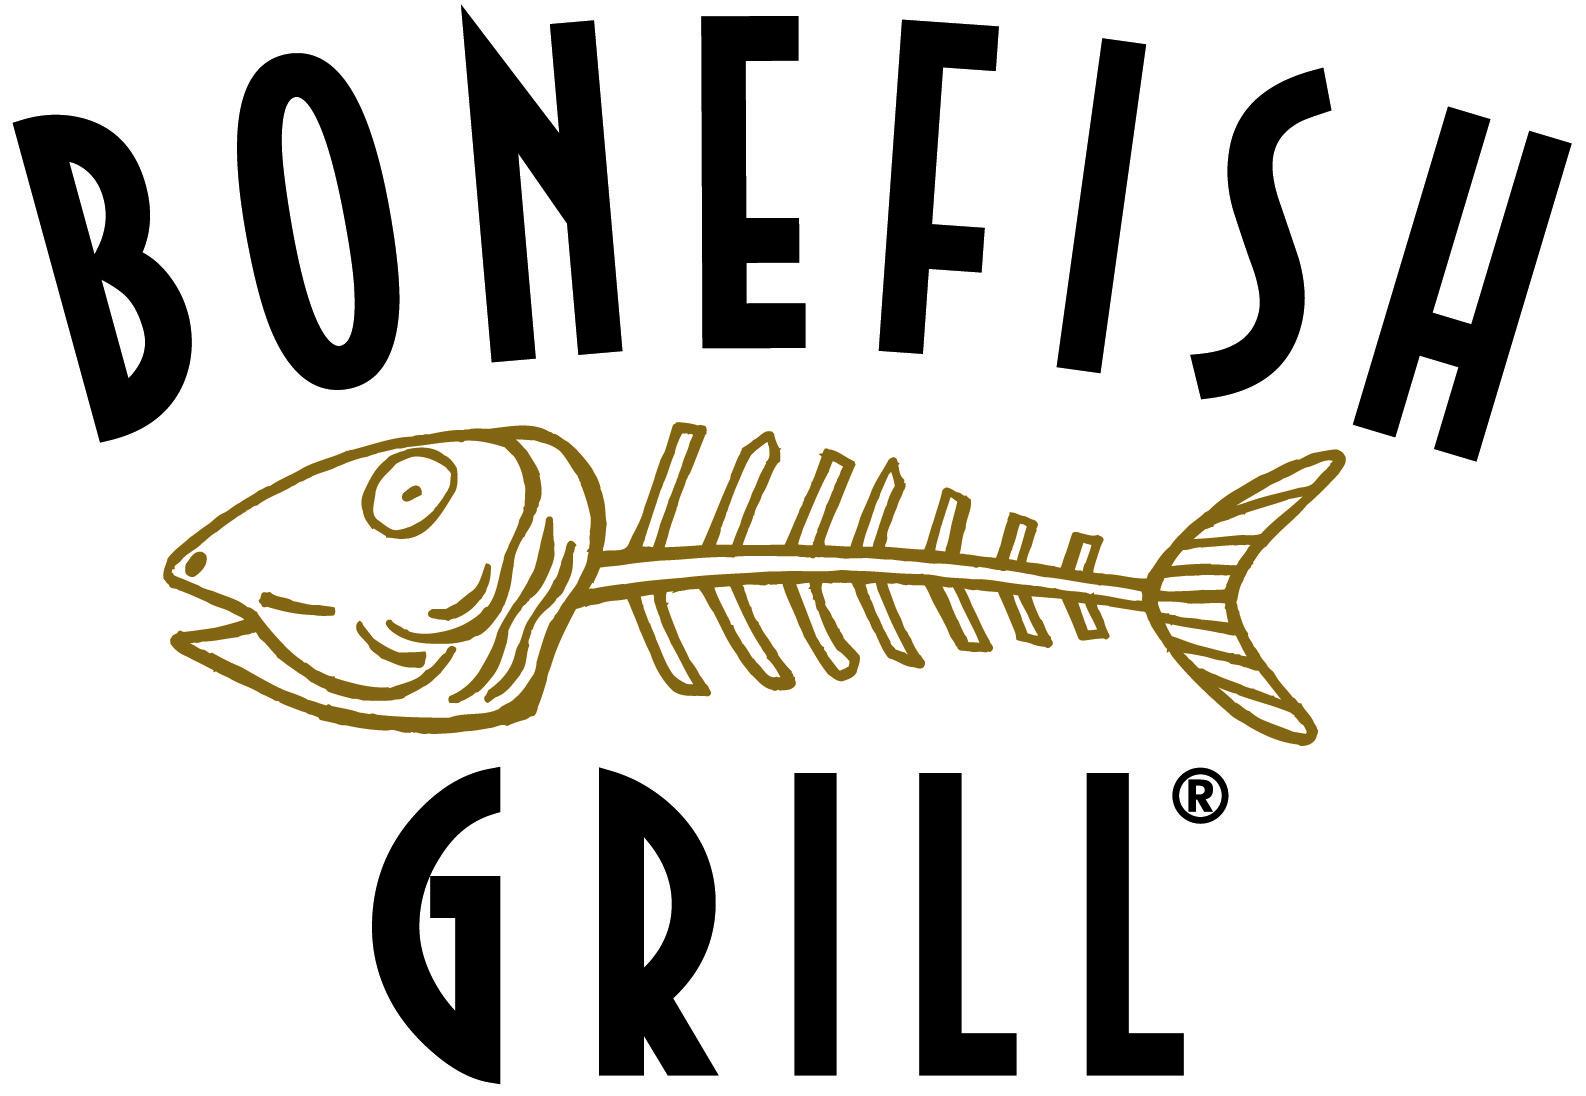 d109d3feb51aea29fd9d986bf8fa84e3 - Bonefish Grill Job Application Pdf